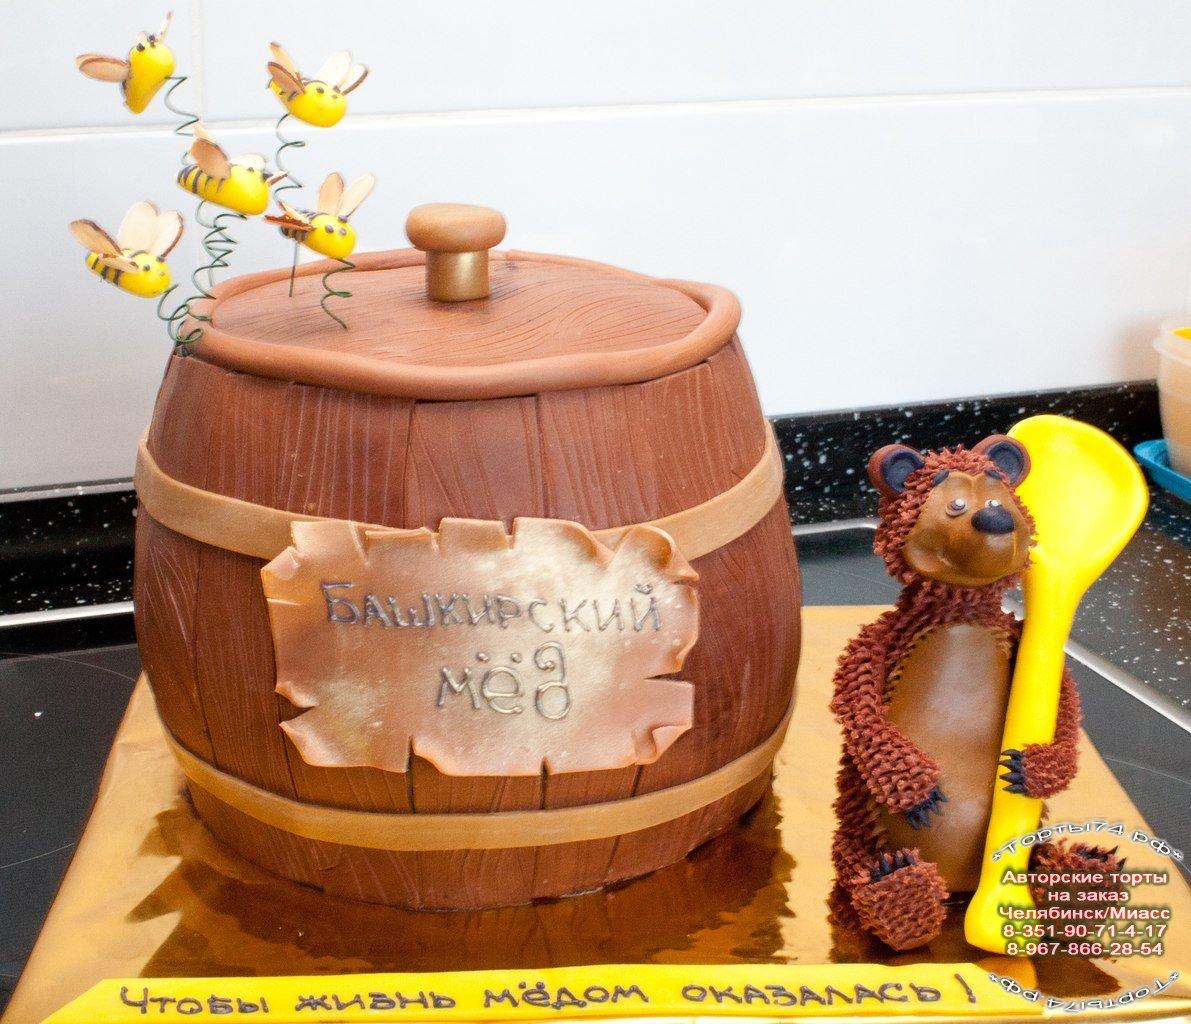 Как сделать торт на меду